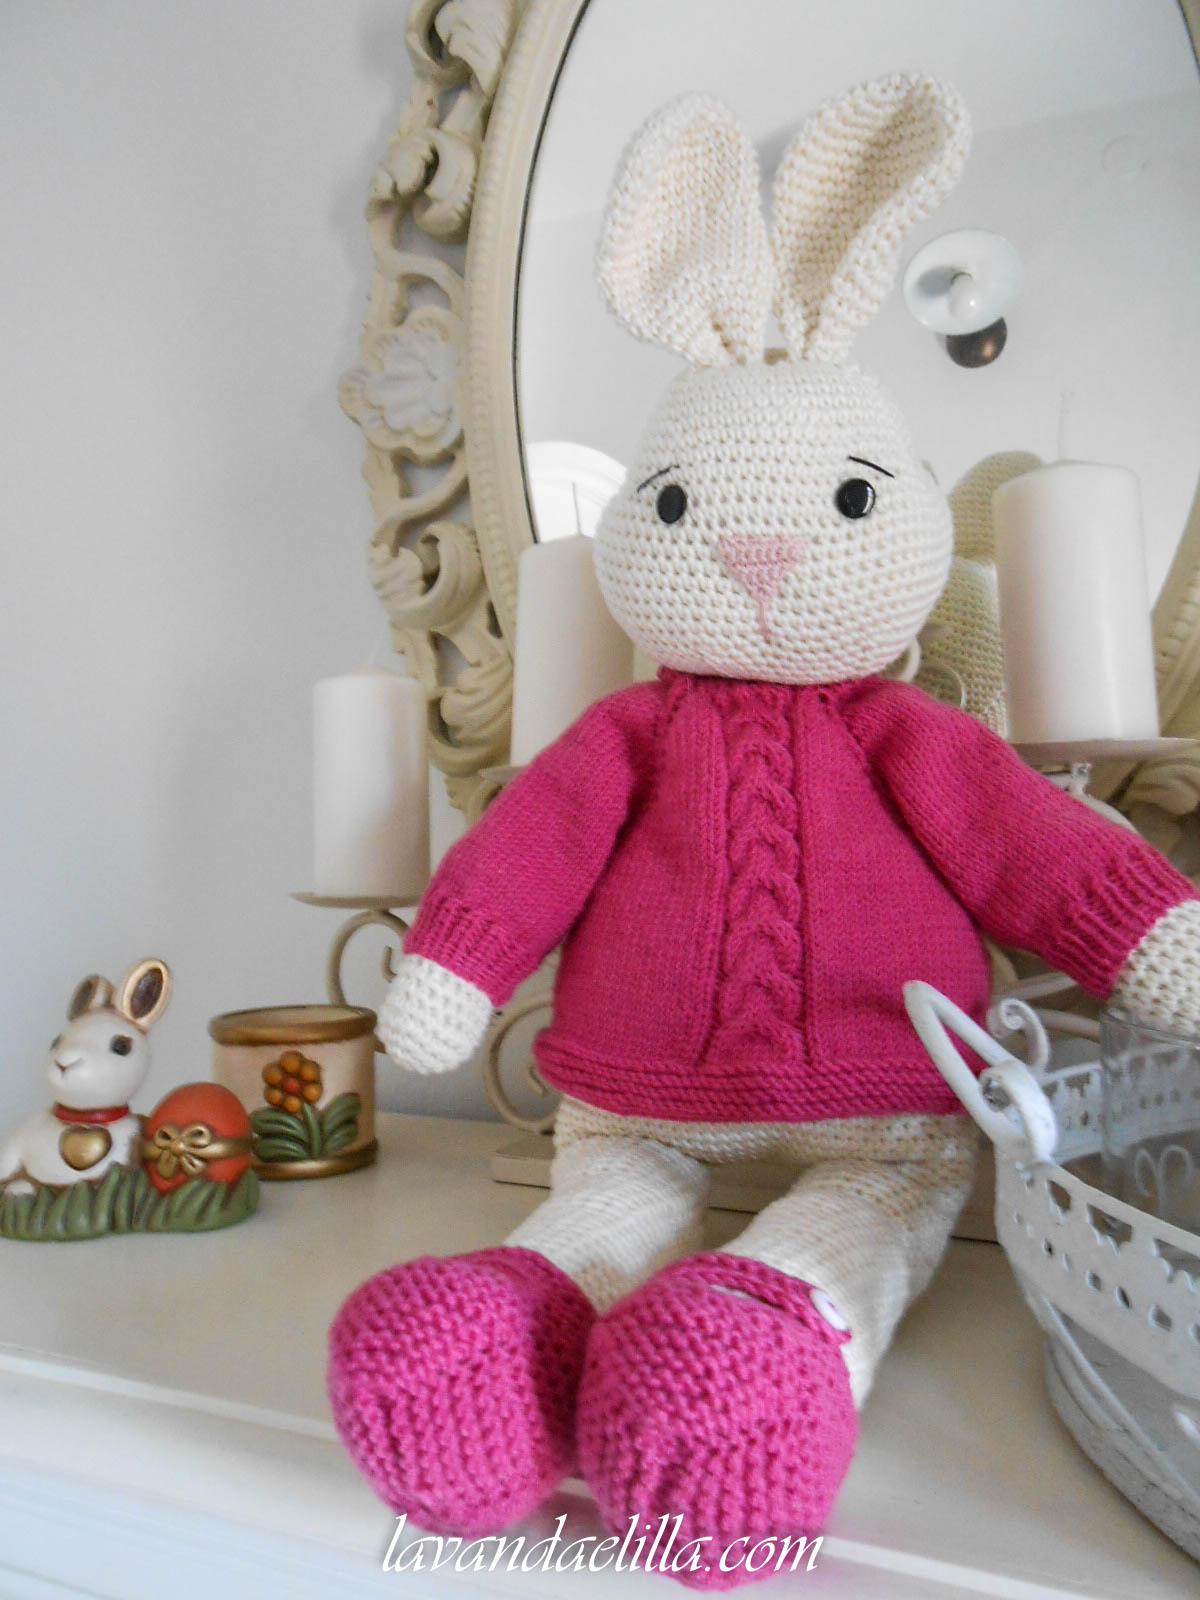 Riccio Amigurumi Uncinetto Tutorial 🦔 Erizo Crochet - Hedgehog ... | 1600x1200